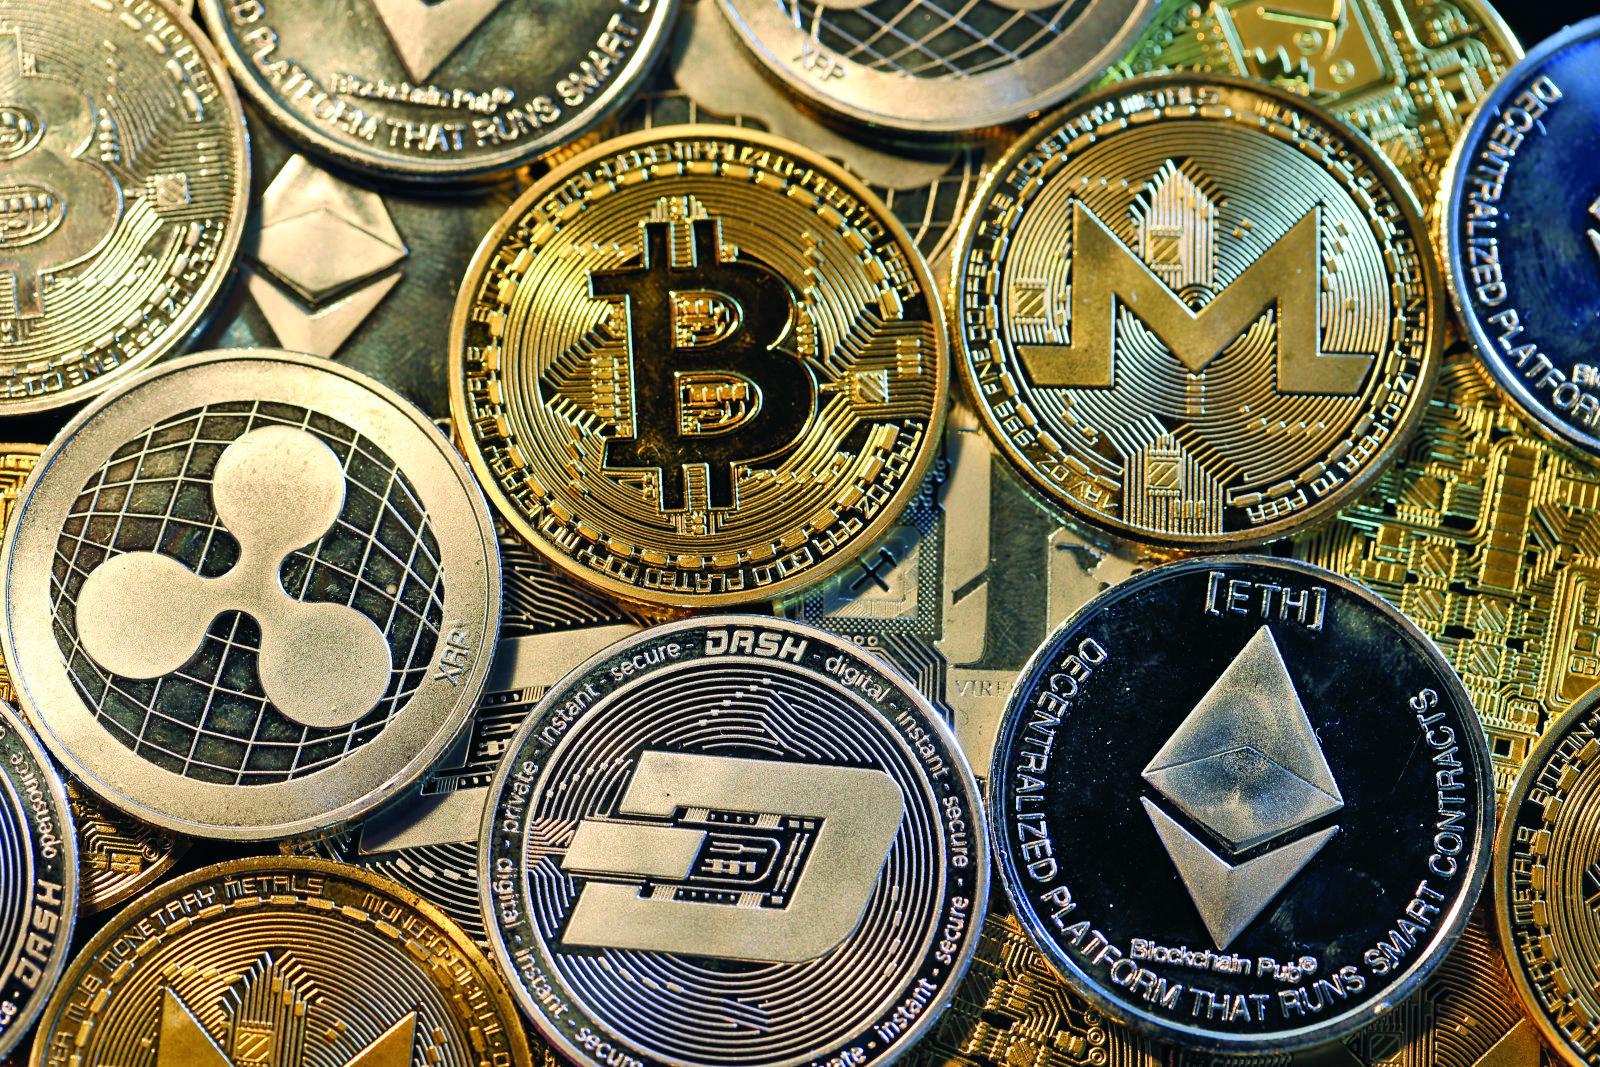 Γιατί τα ψηφιακά νομίσματα είναι εφιάλτης για τις τράπεζες